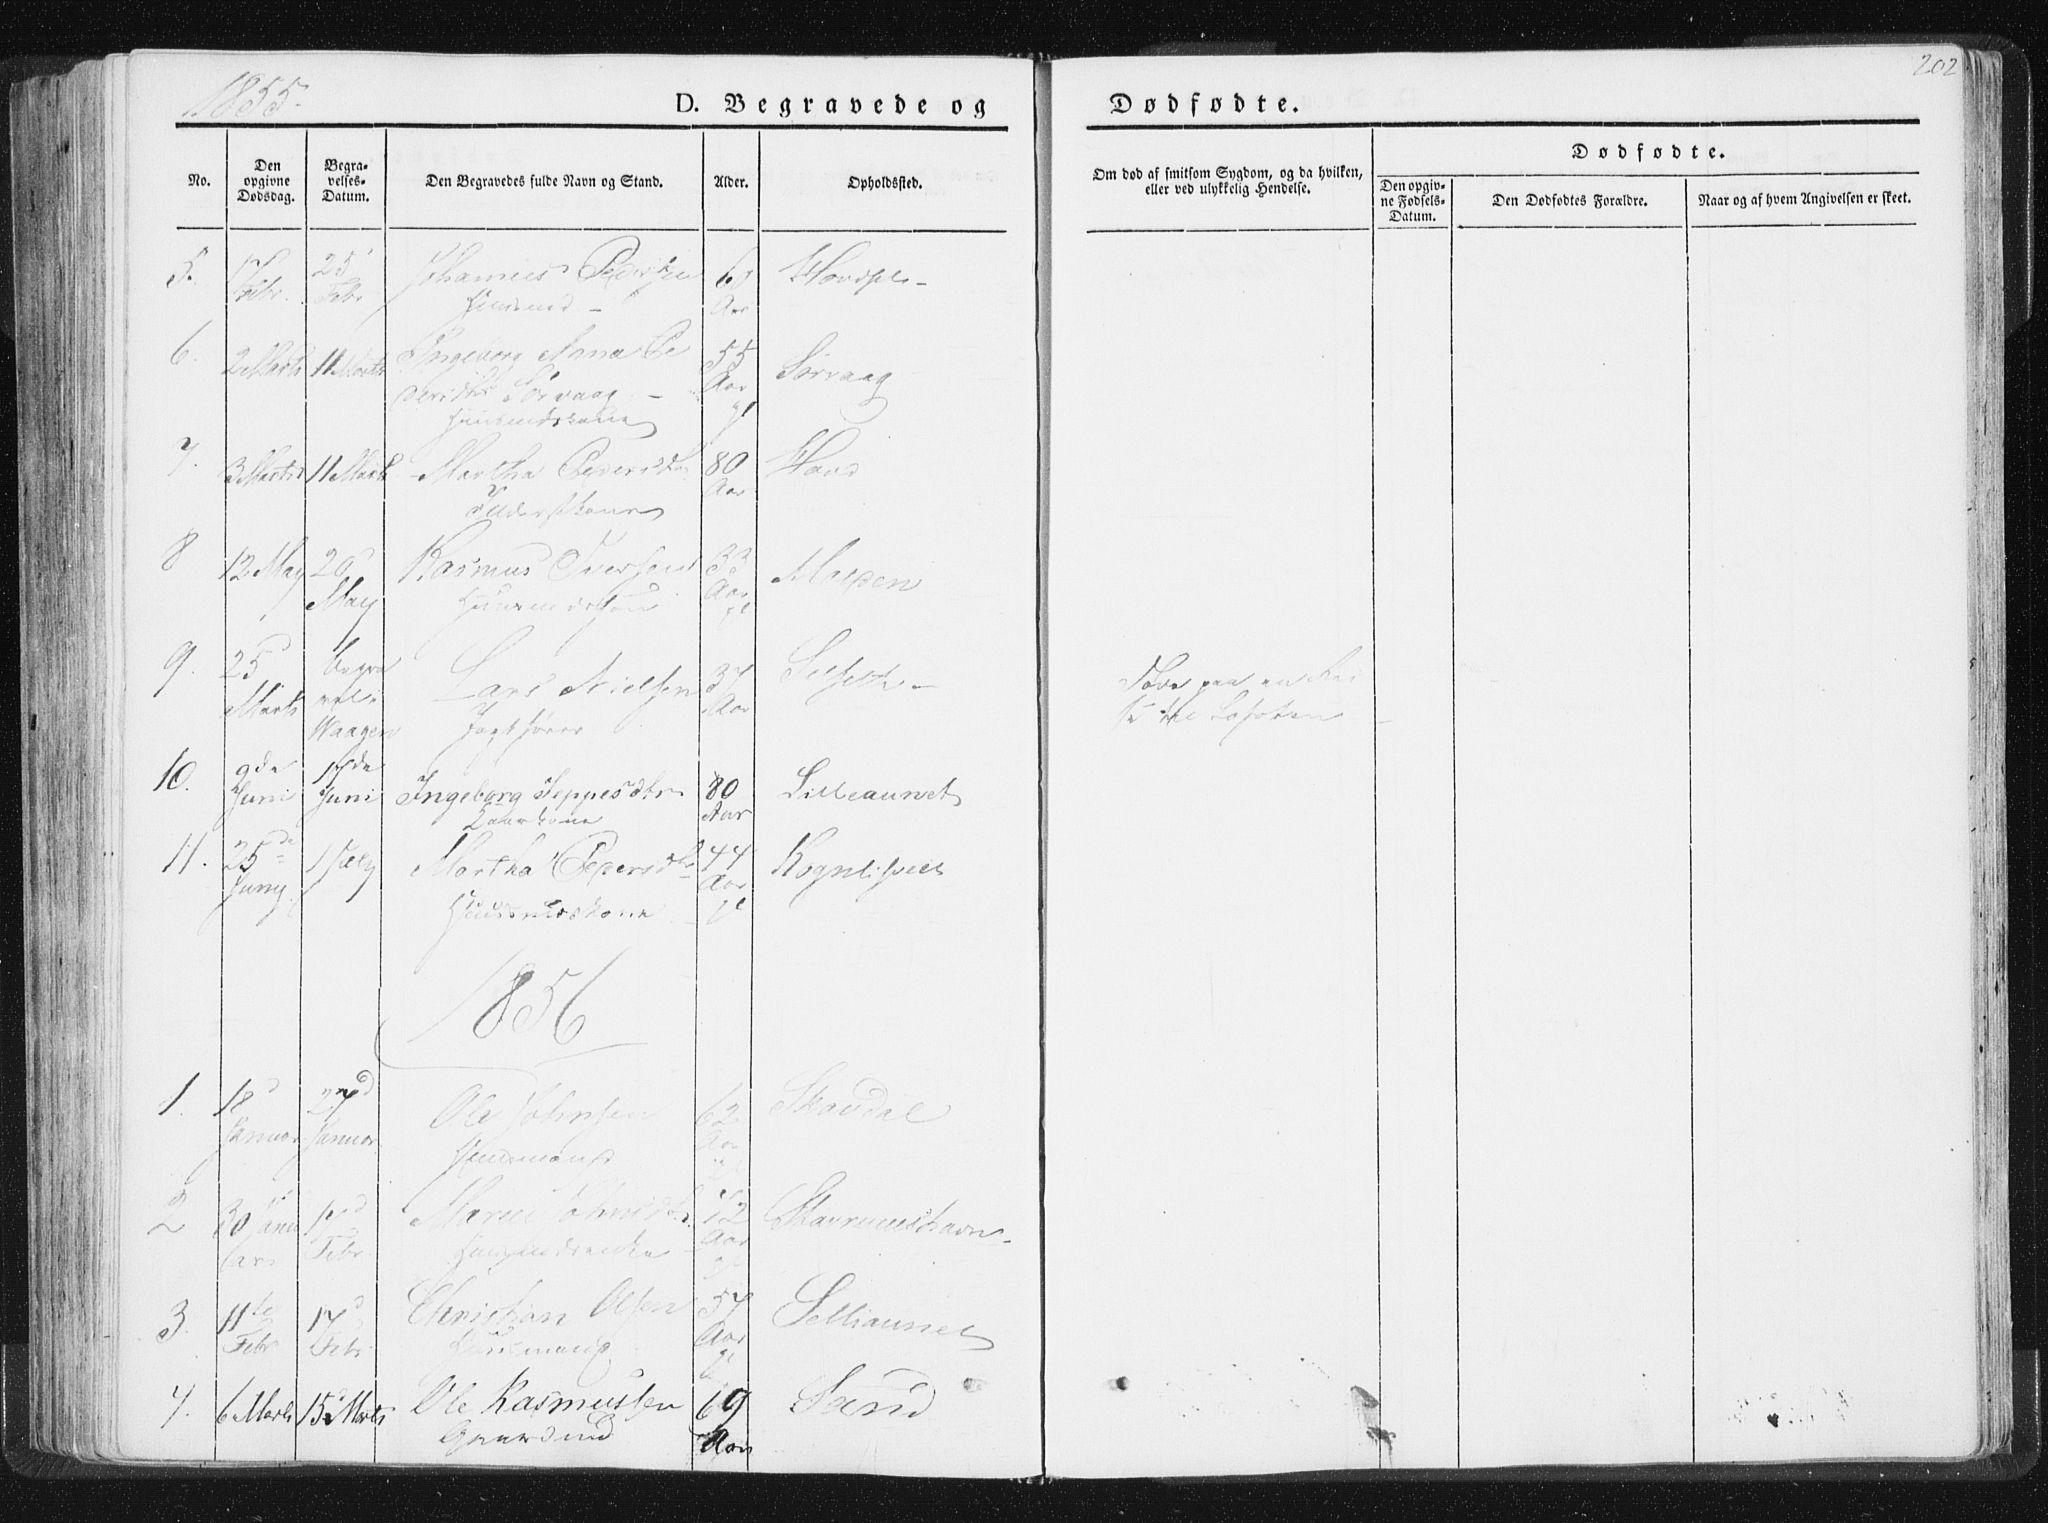 SAT, Ministerialprotokoller, klokkerbøker og fødselsregistre - Nord-Trøndelag, 744/L0418: Ministerialbok nr. 744A02, 1843-1866, s. 202